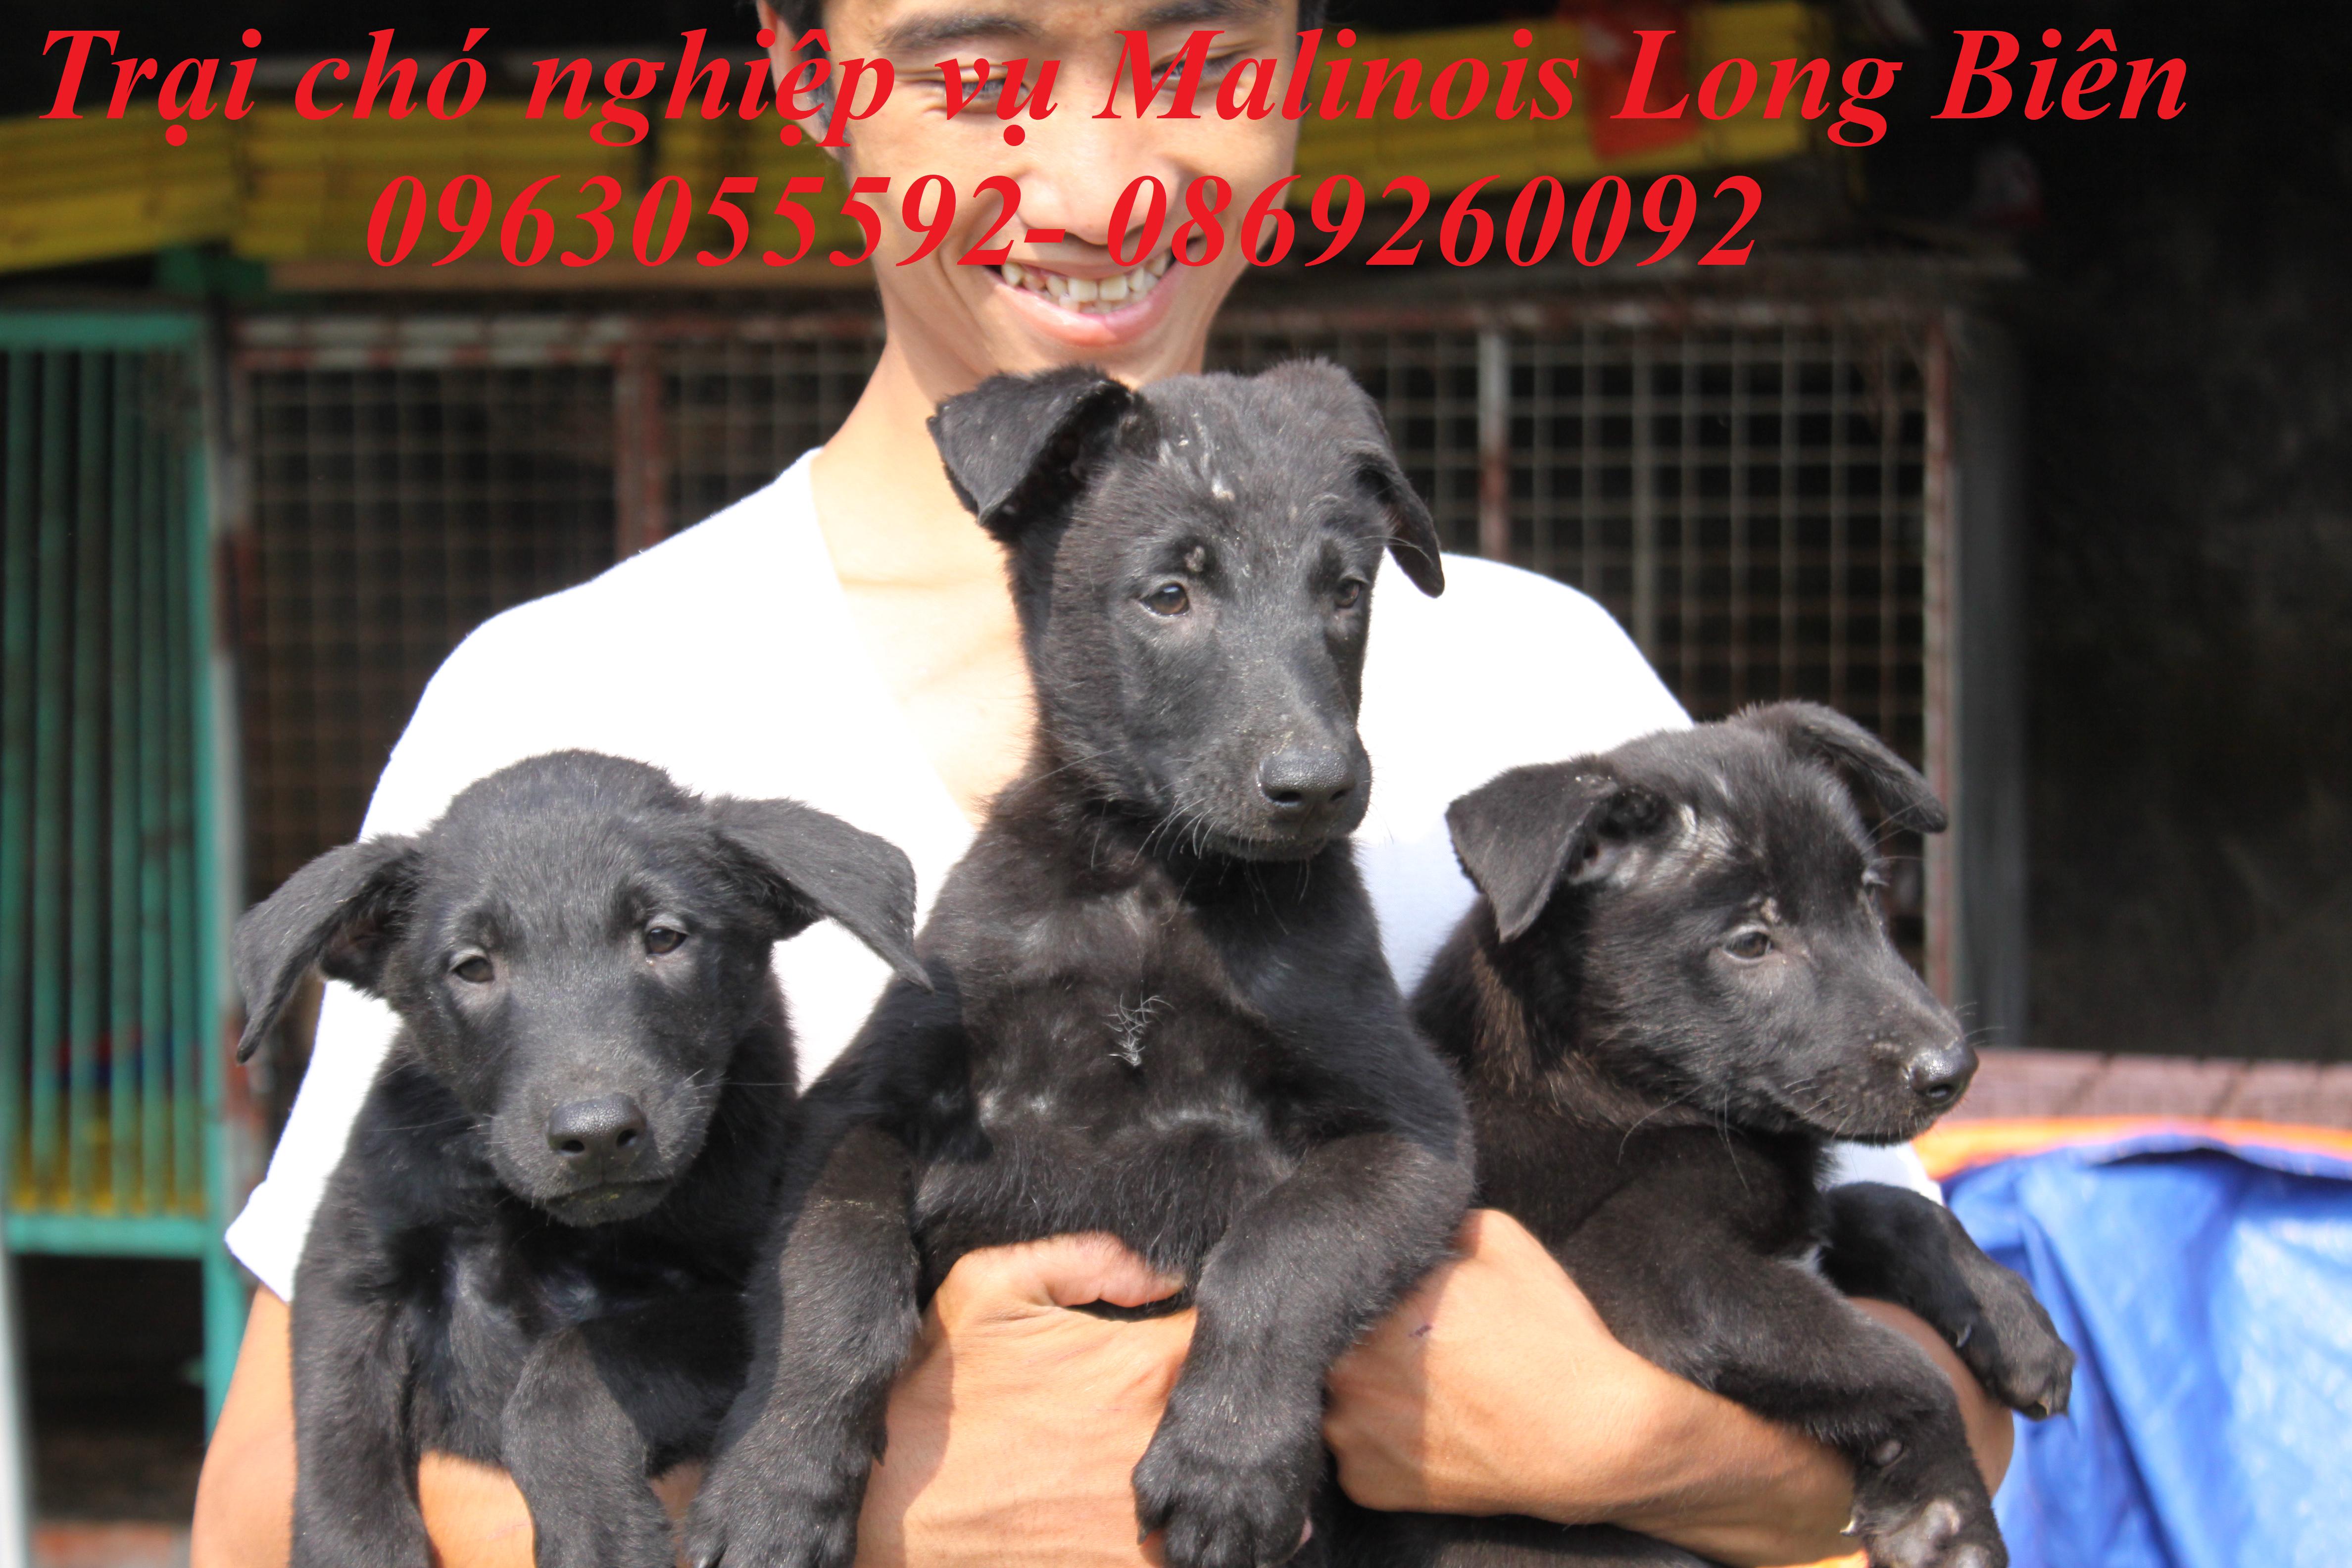 Nuôi chó becgie Bỉ con tại trại chó nghiệp vụ malinois Long Biên